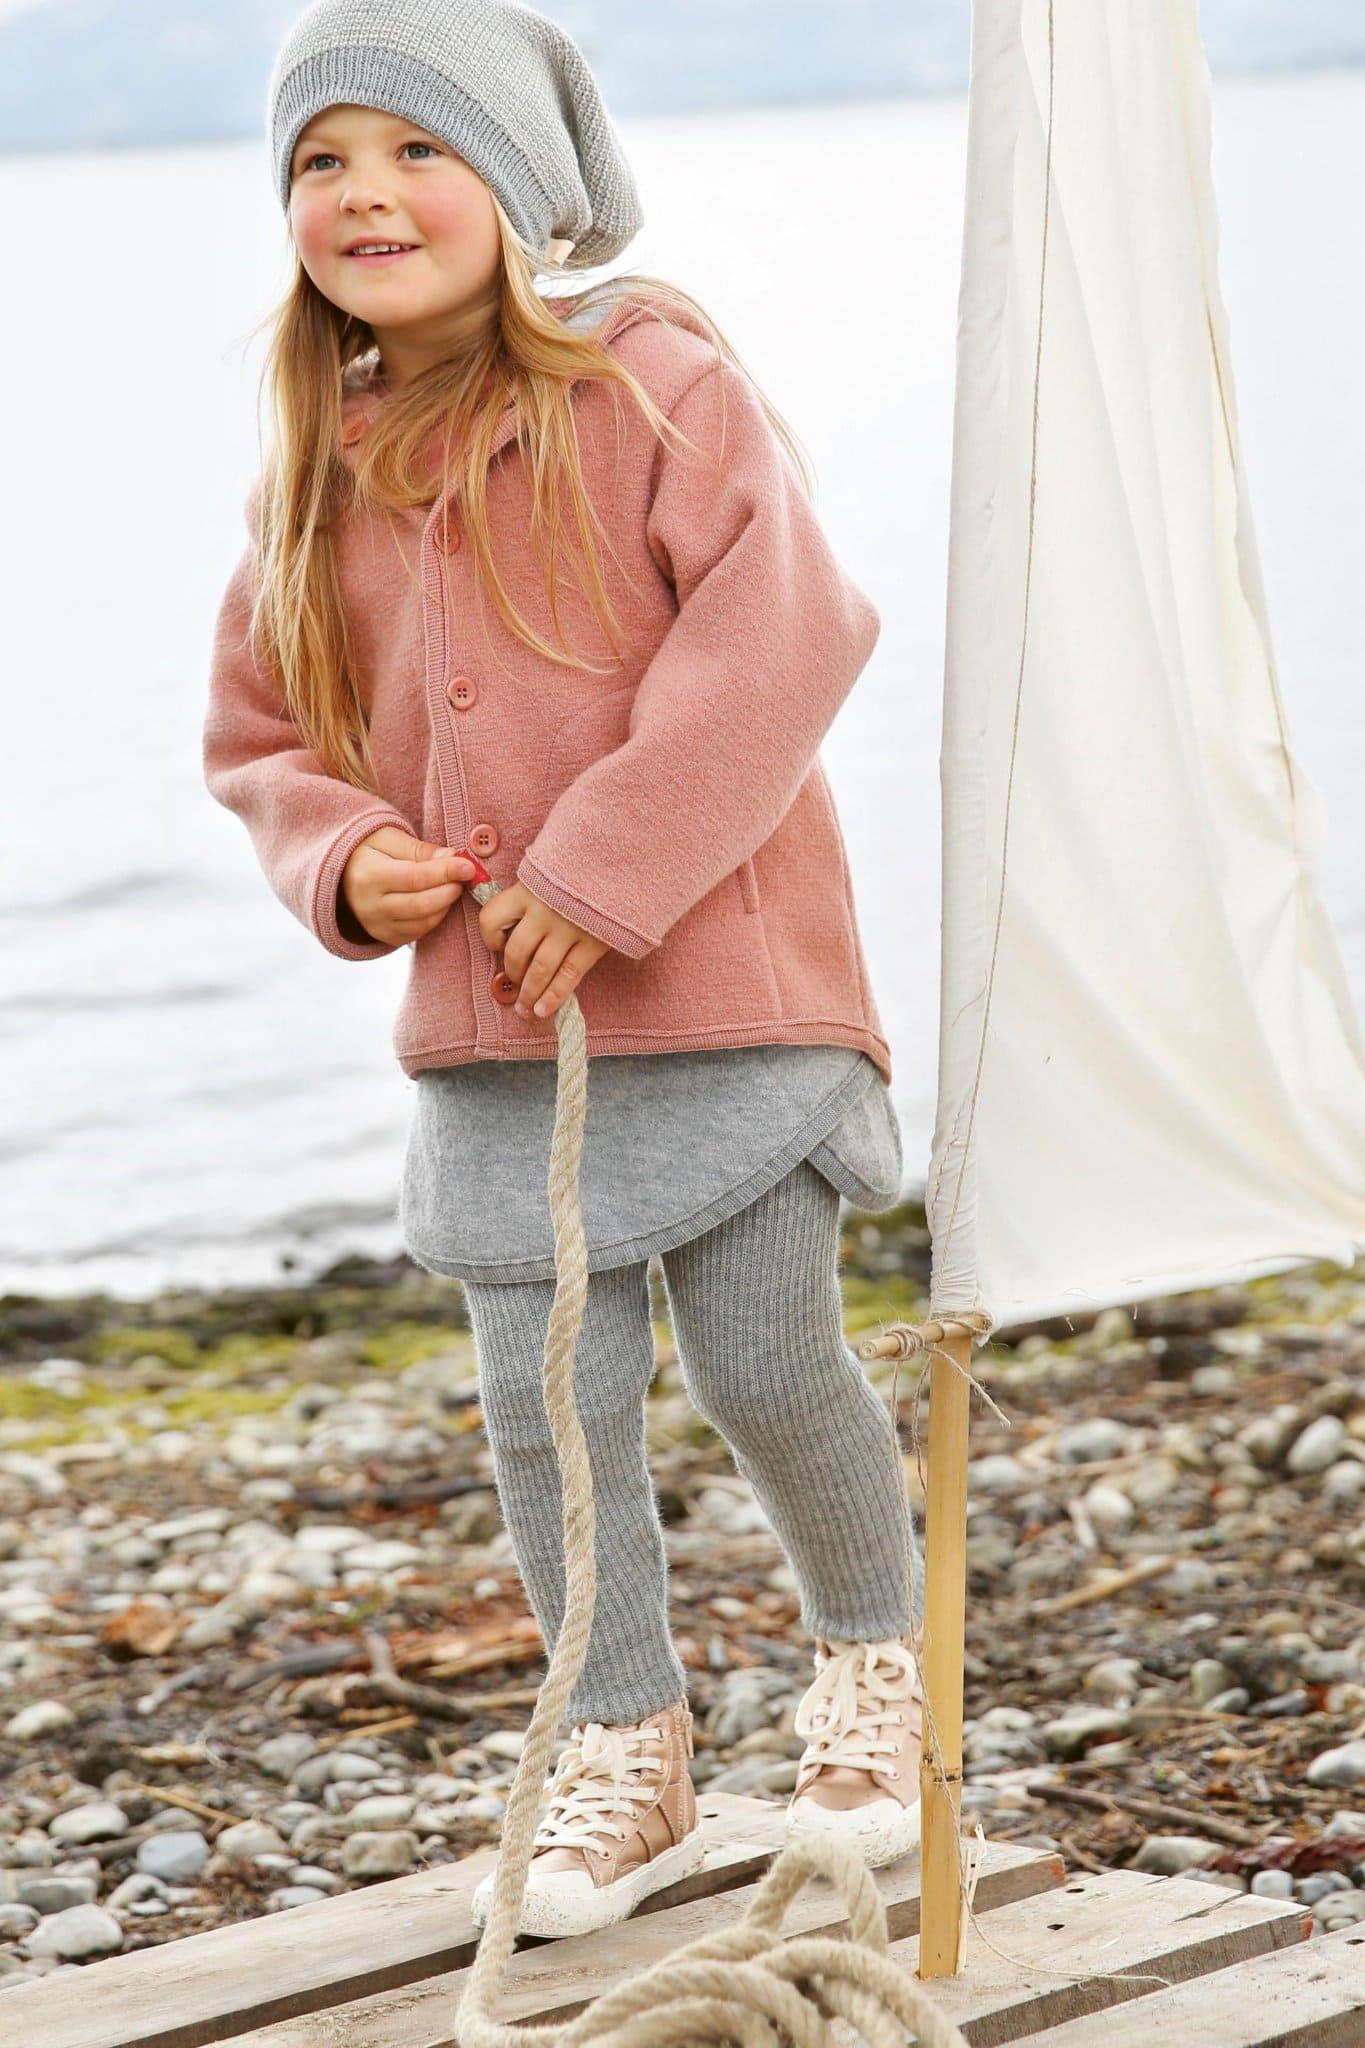 Barnkläder filtad ull kjol leggings modell Disana cf3e8accfef73